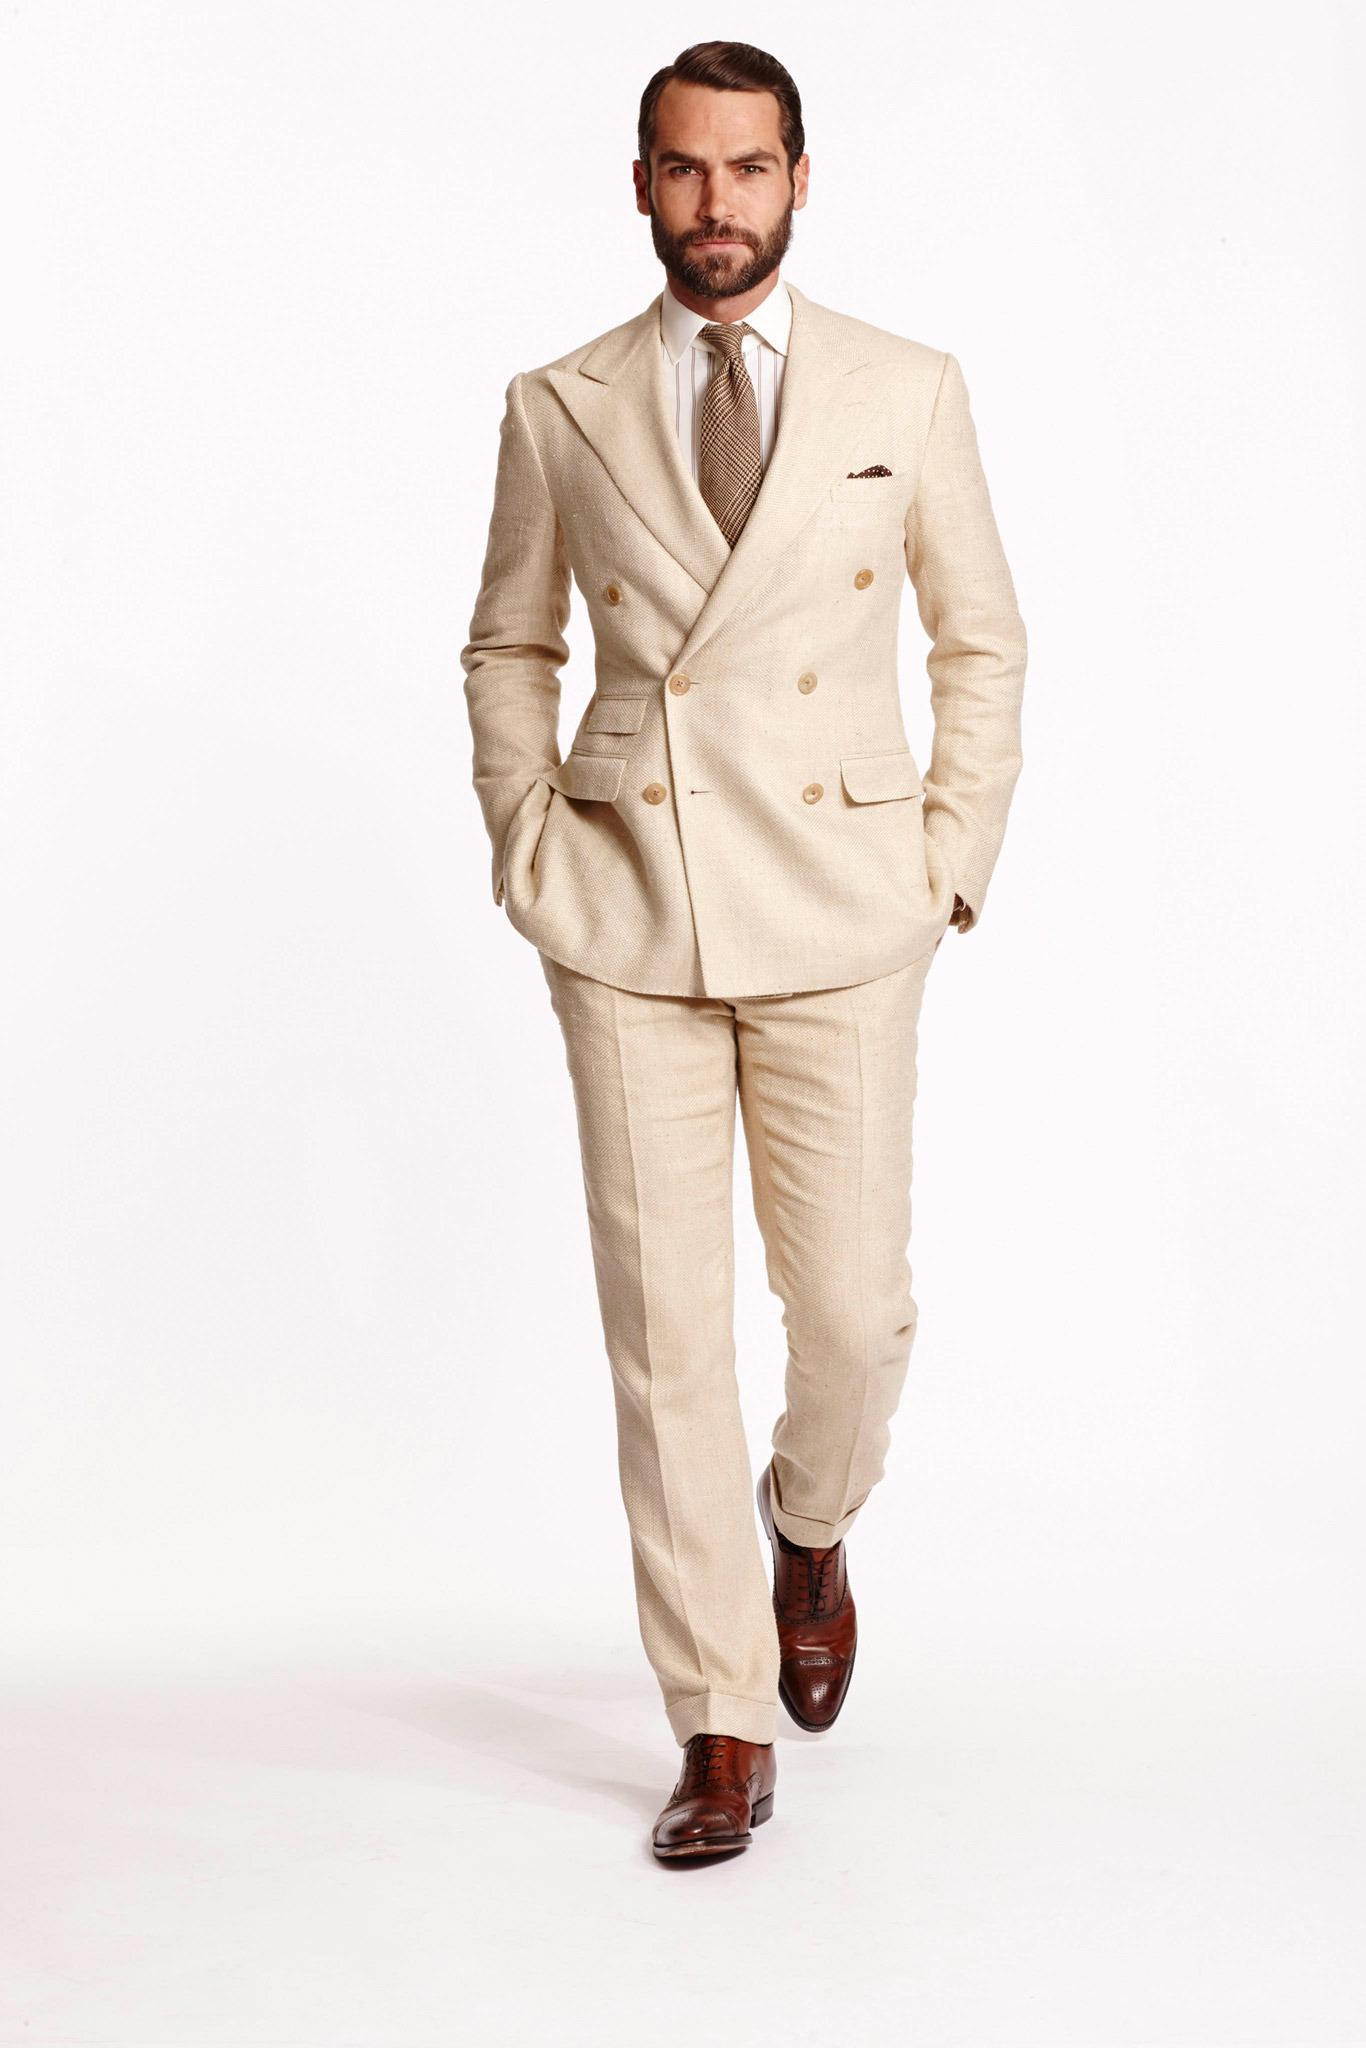 25 tips inför ditt nästa kostymköp – King Magazine 0baf49d1bf2a1